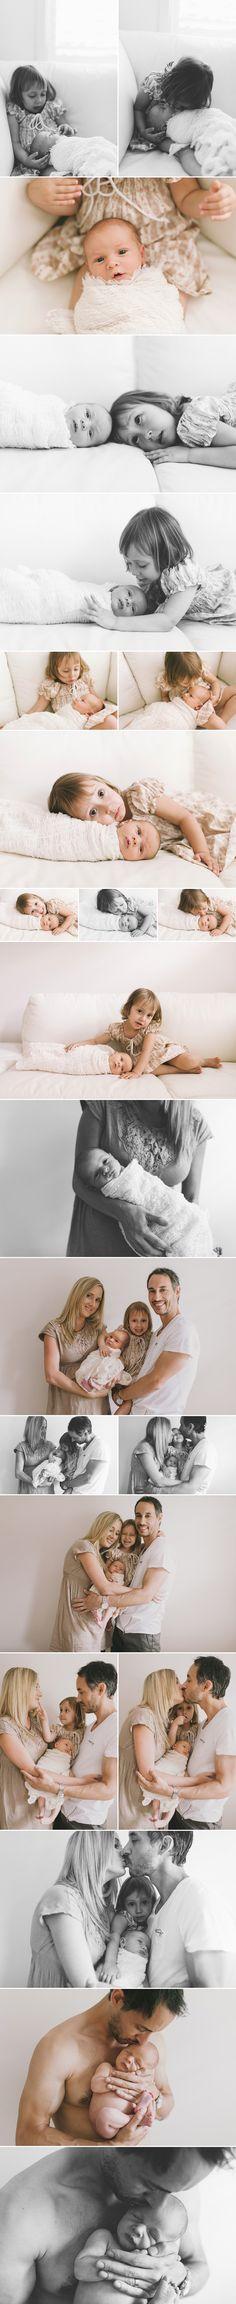 Papa, maman, frère, soeur, aîné, parents